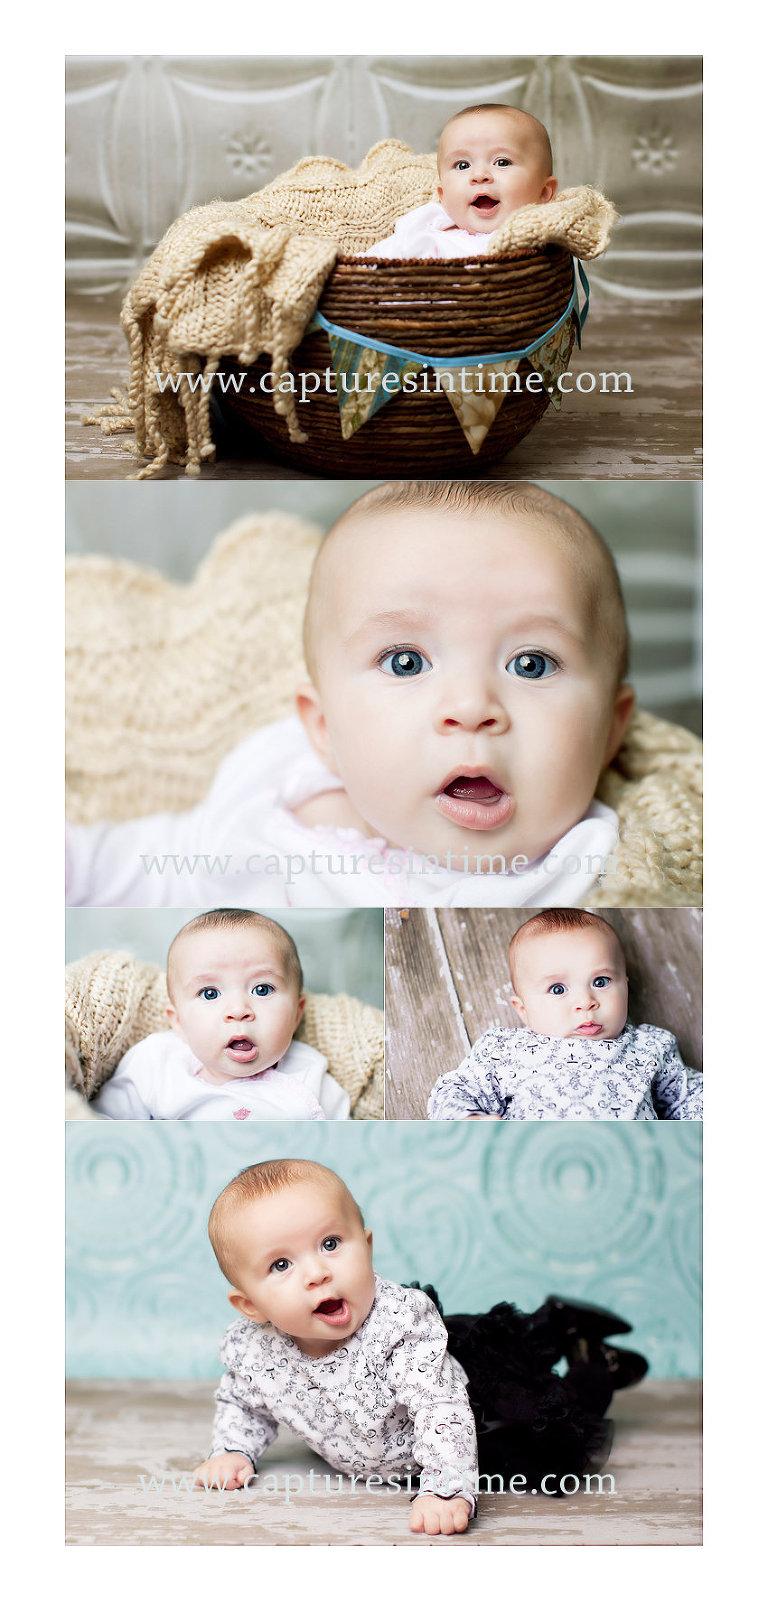 kansas-city-baby-photo-baby-studio